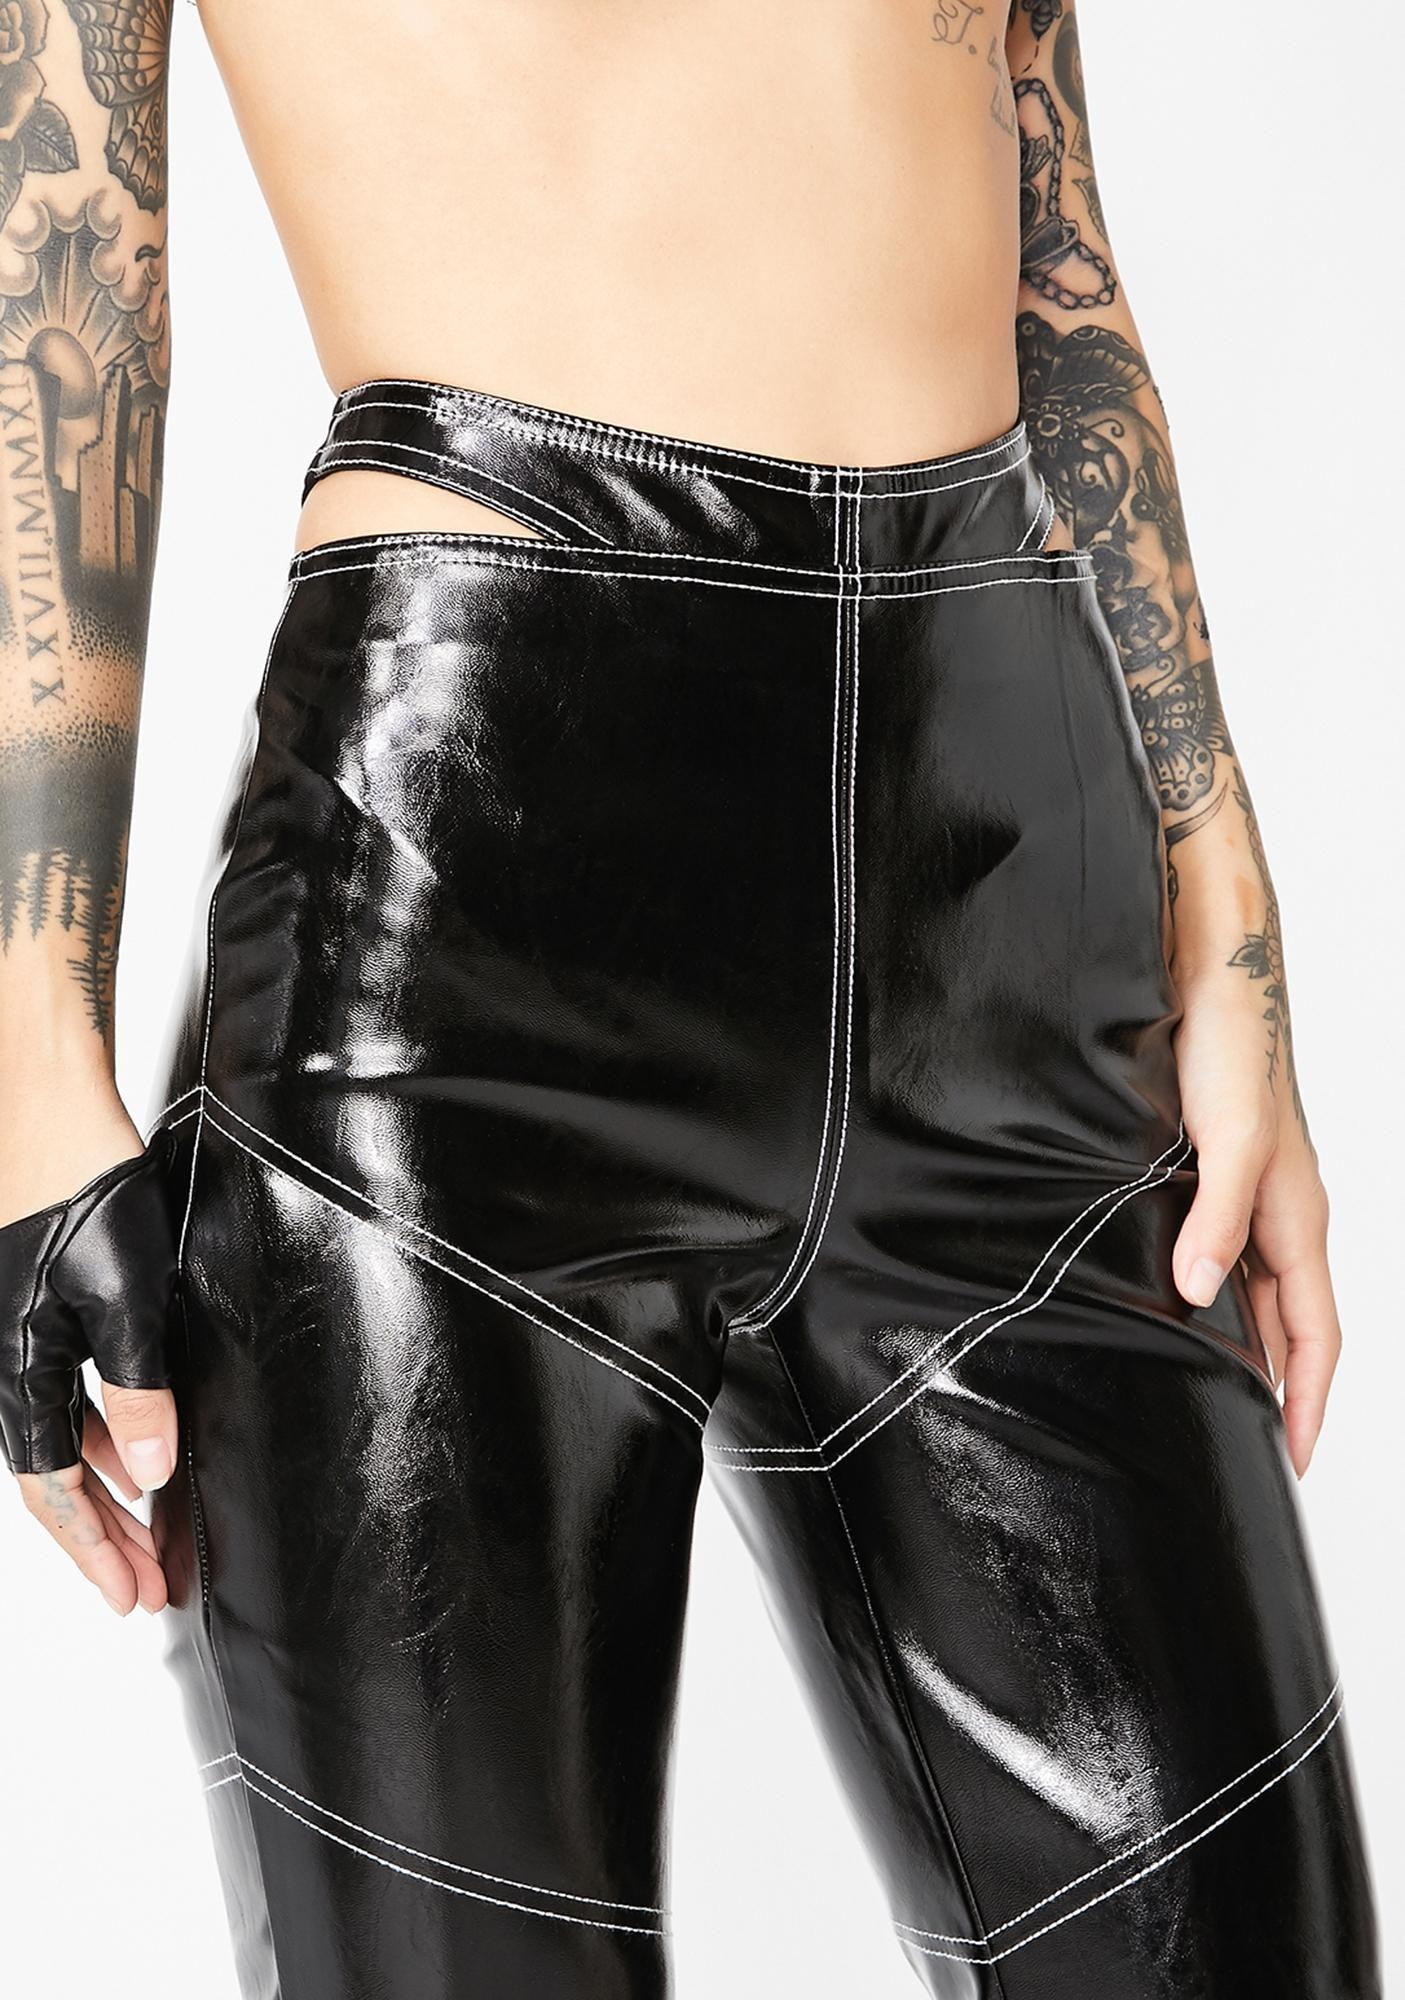 fb47c7f252 I AM GIA Dark Paris Pants Online Boutiques, Leather Pants, Ivy, Bodysuit,